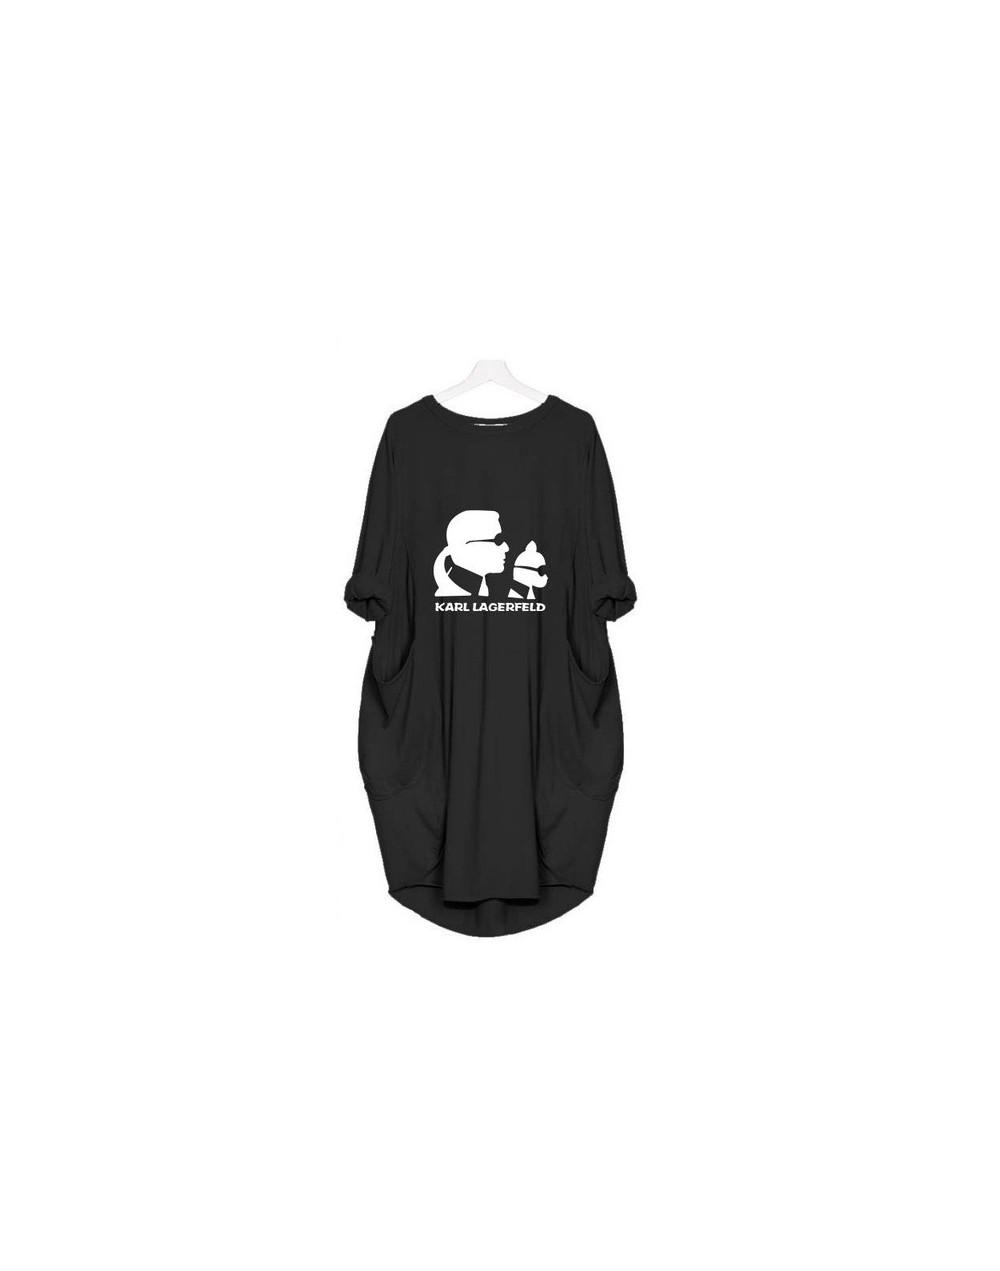 2019 Summer Fashion Off Shoulder T Shirt For Women Kawaii Karl Lagerfeld Printed Pocket Top TShirt Plus Size Tee Shirt Femal...